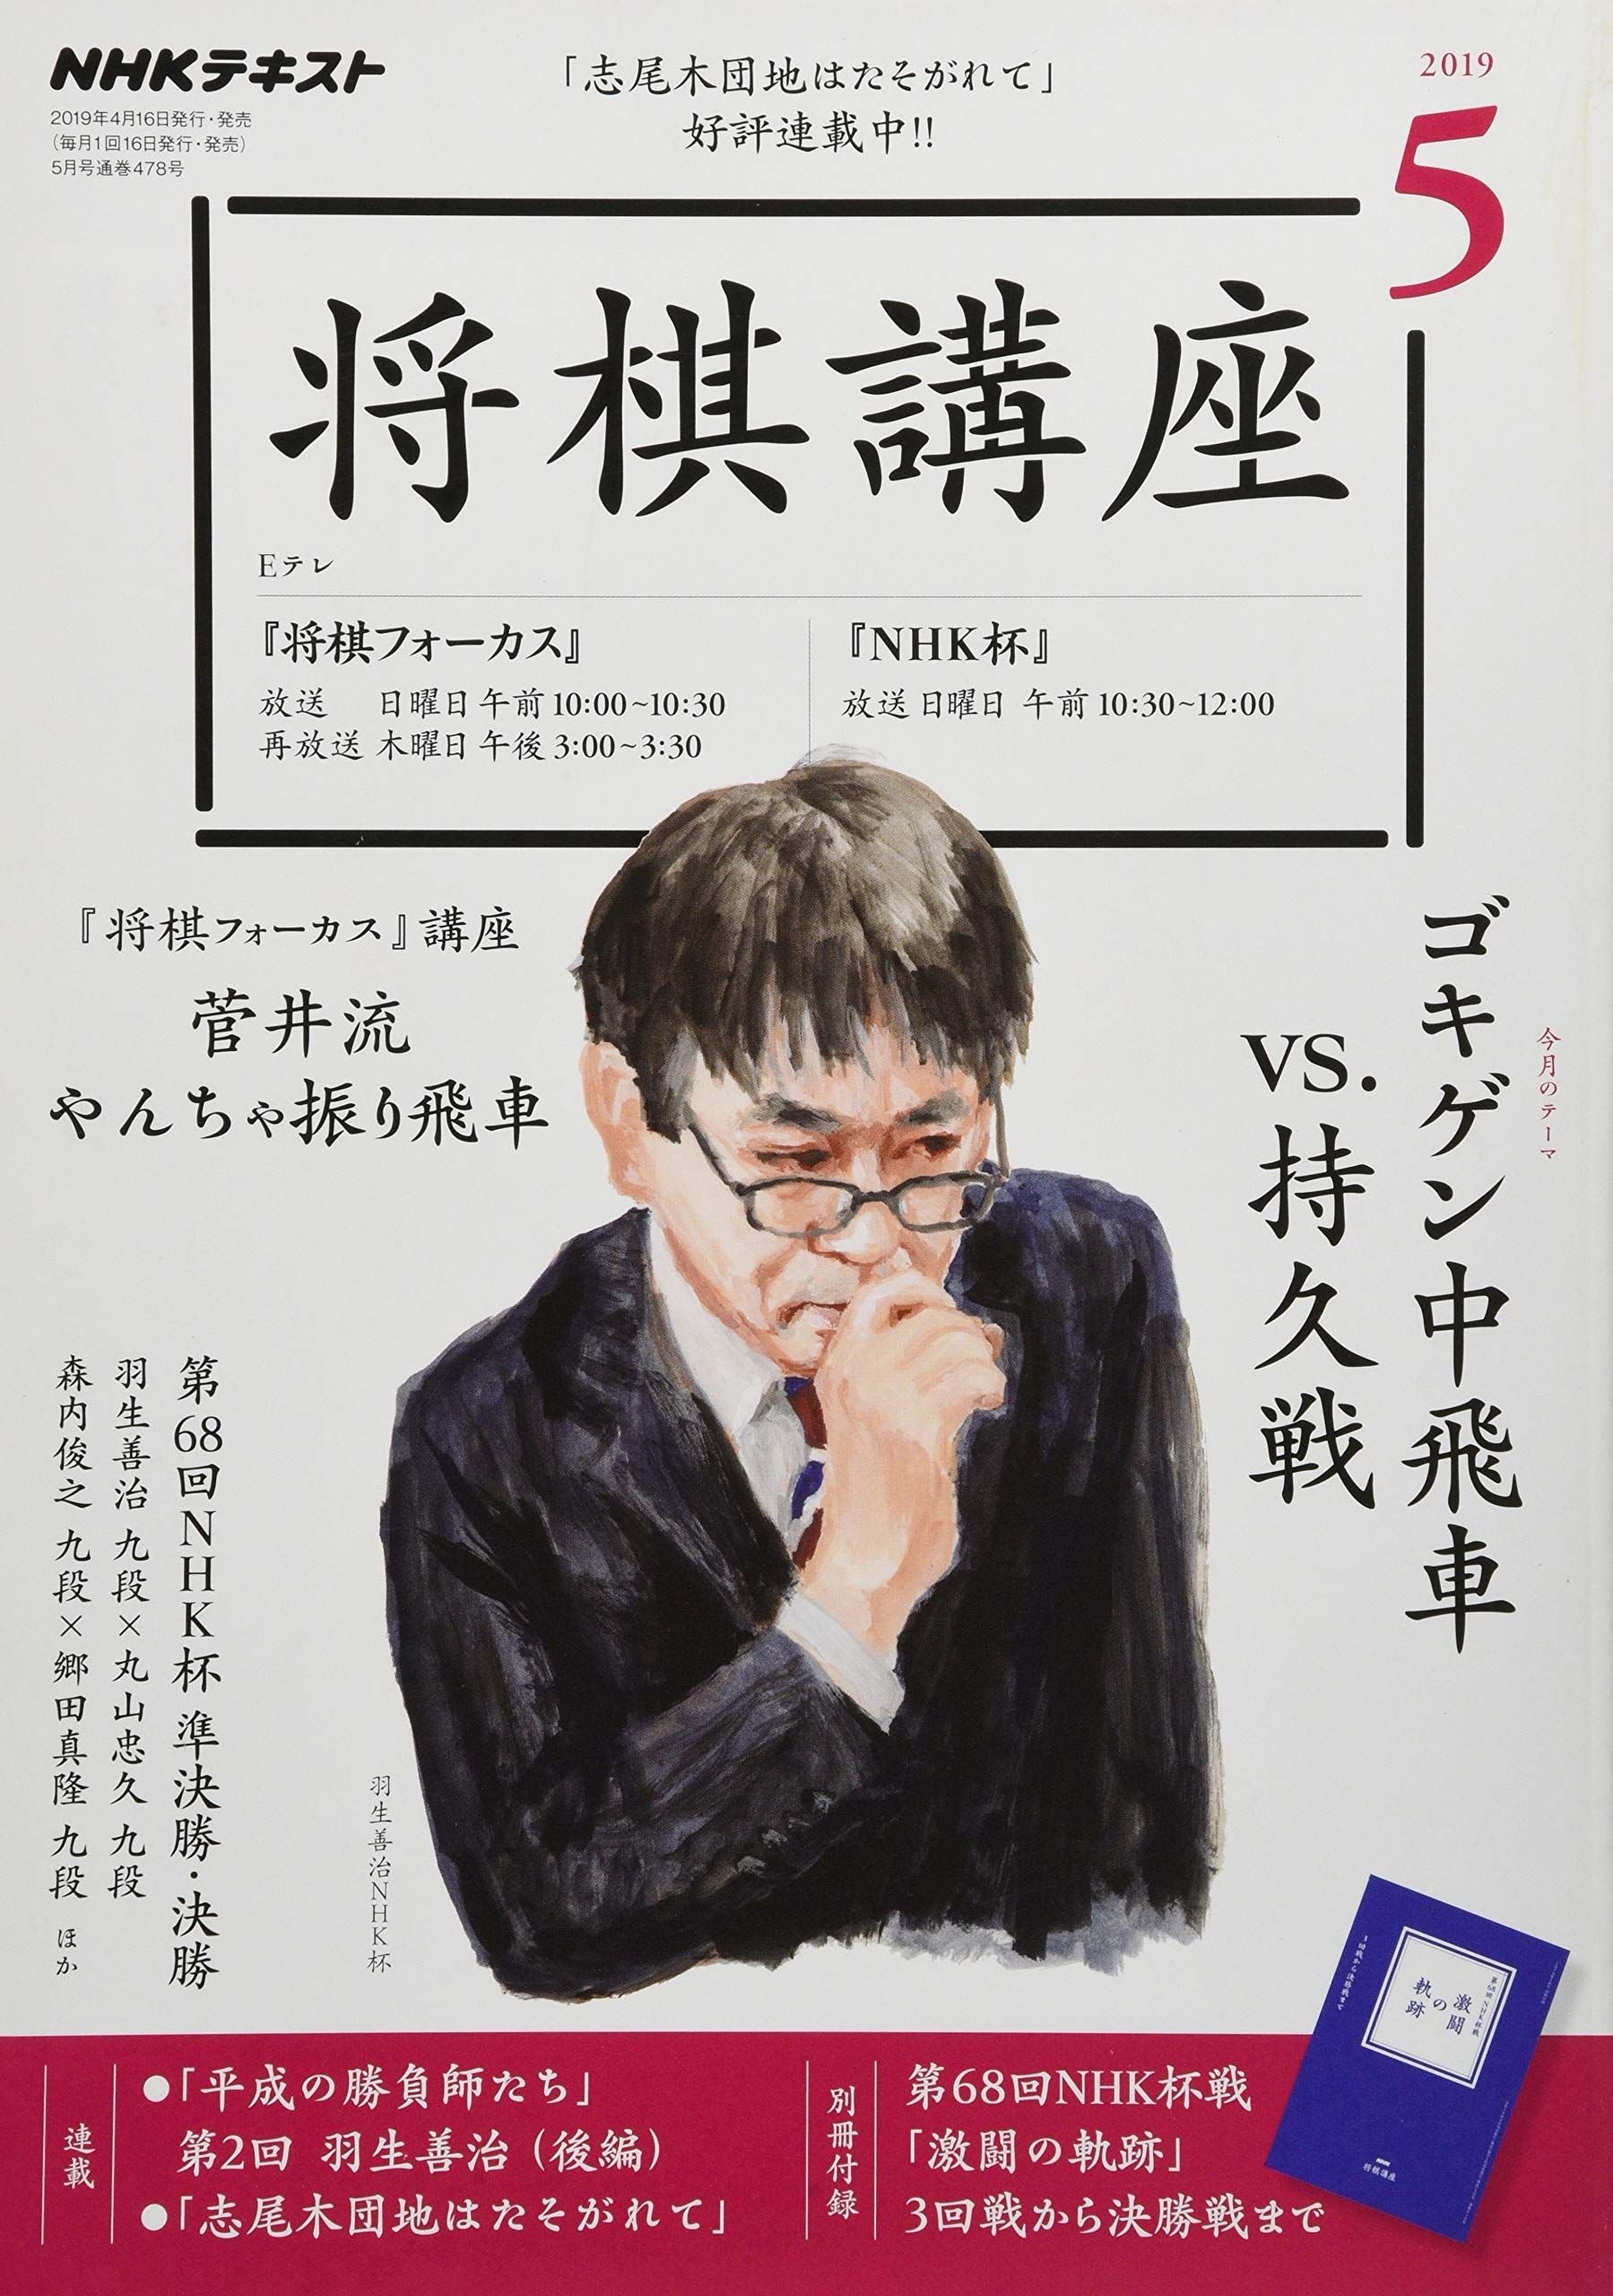 将棋 nhk 将棋 藤井聡太二冠